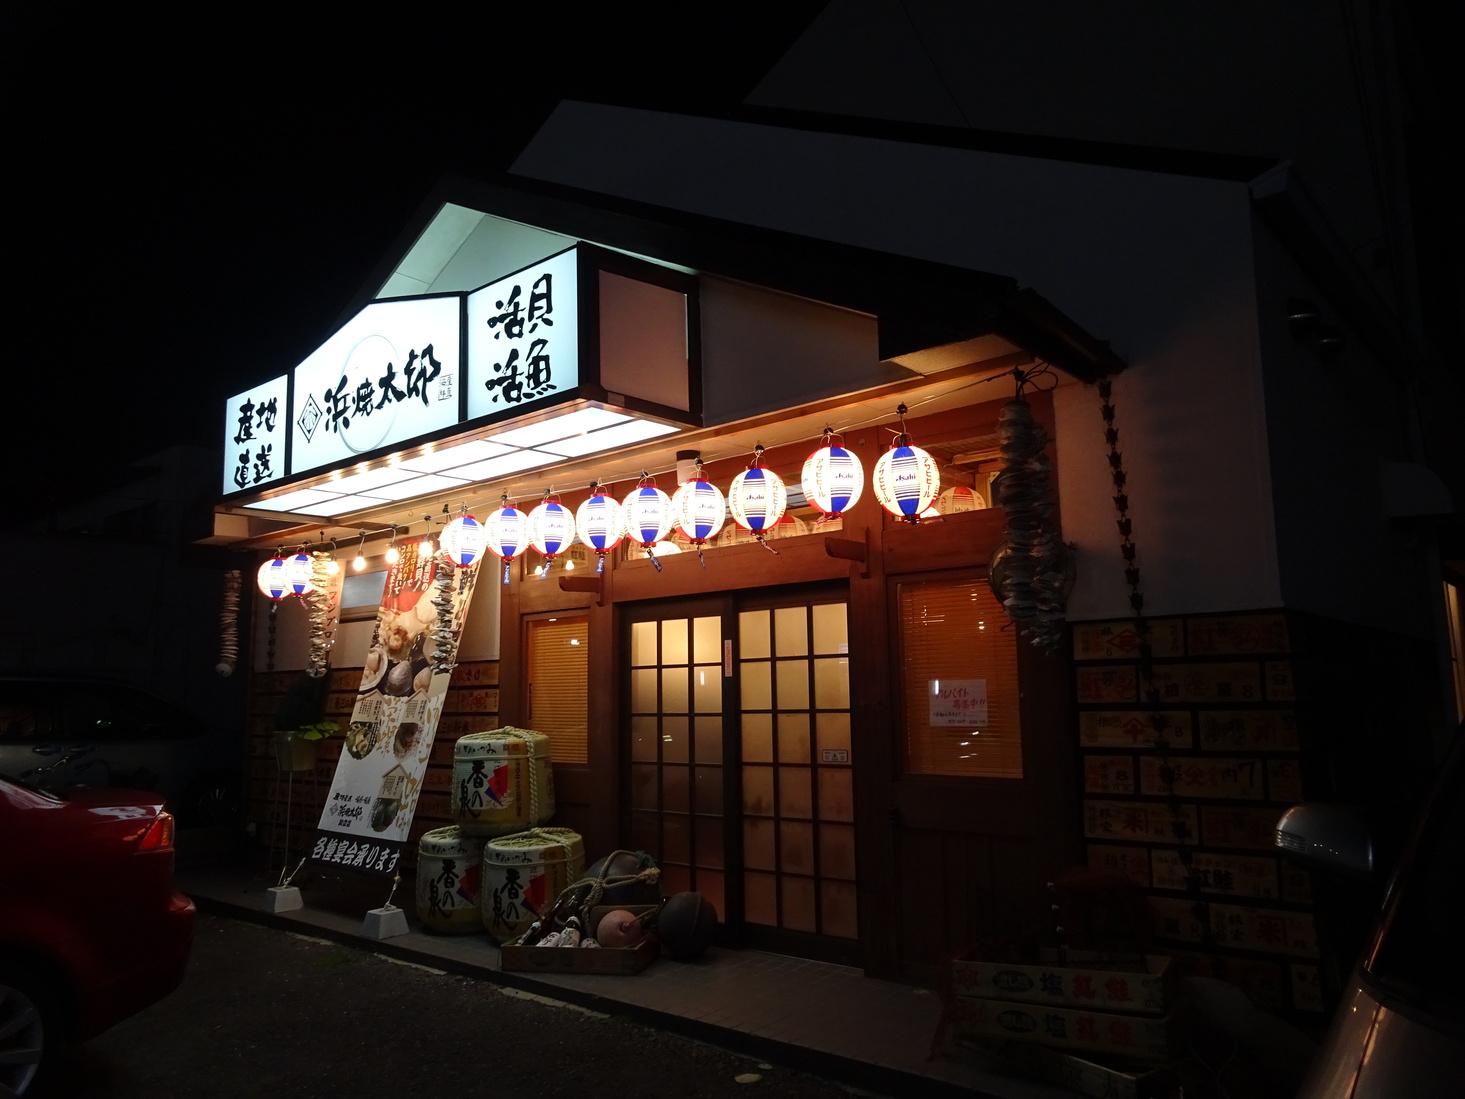 浜焼太郎 知立店